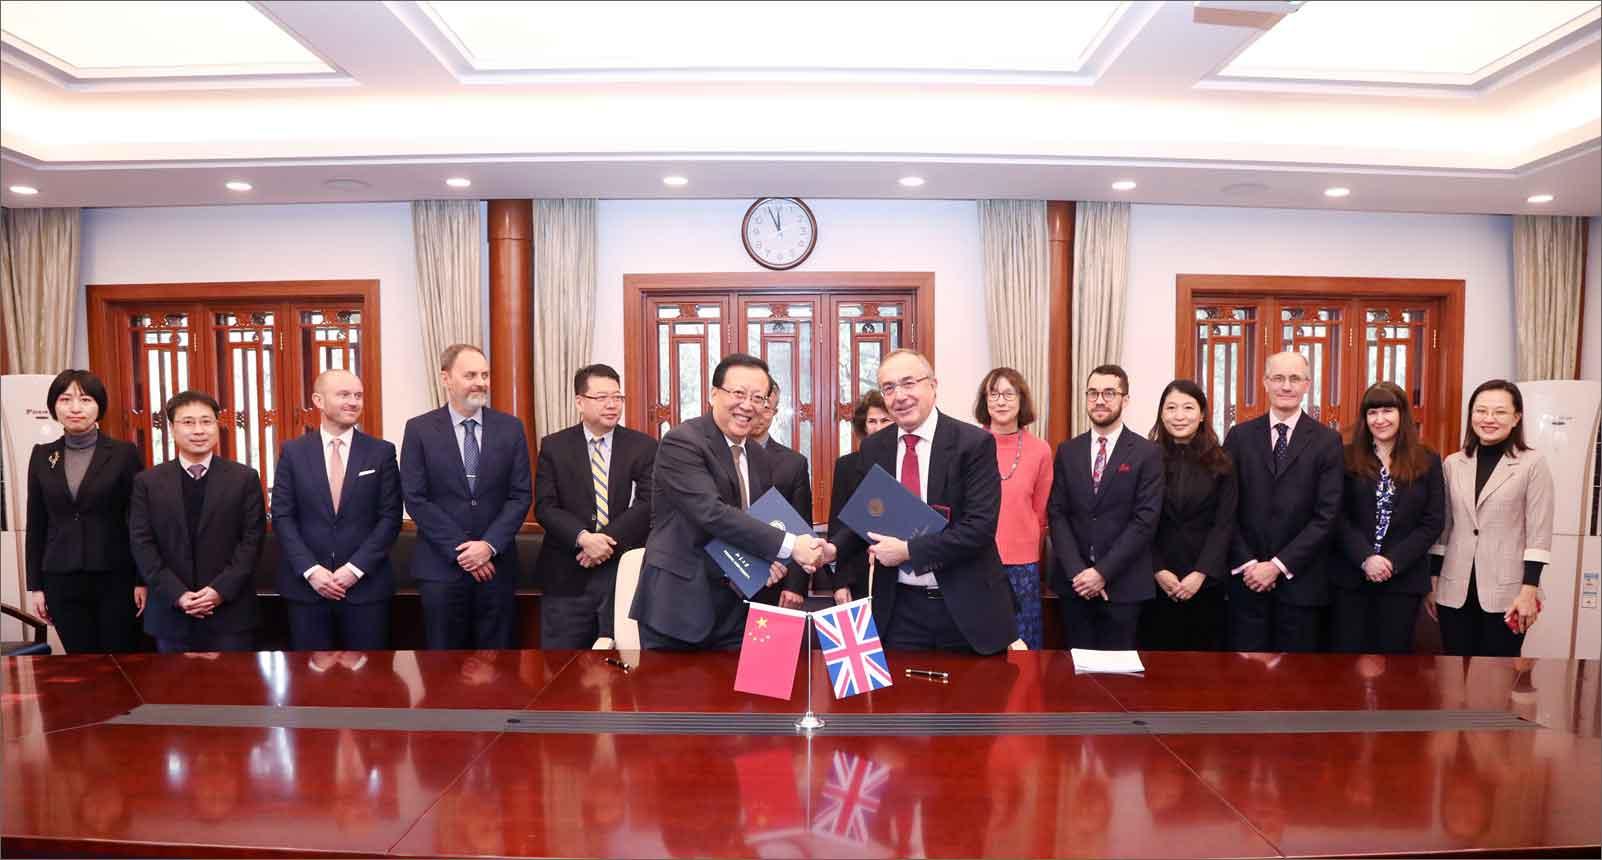 伦敦大学学院校长麦克·阿瑟访问北京大学